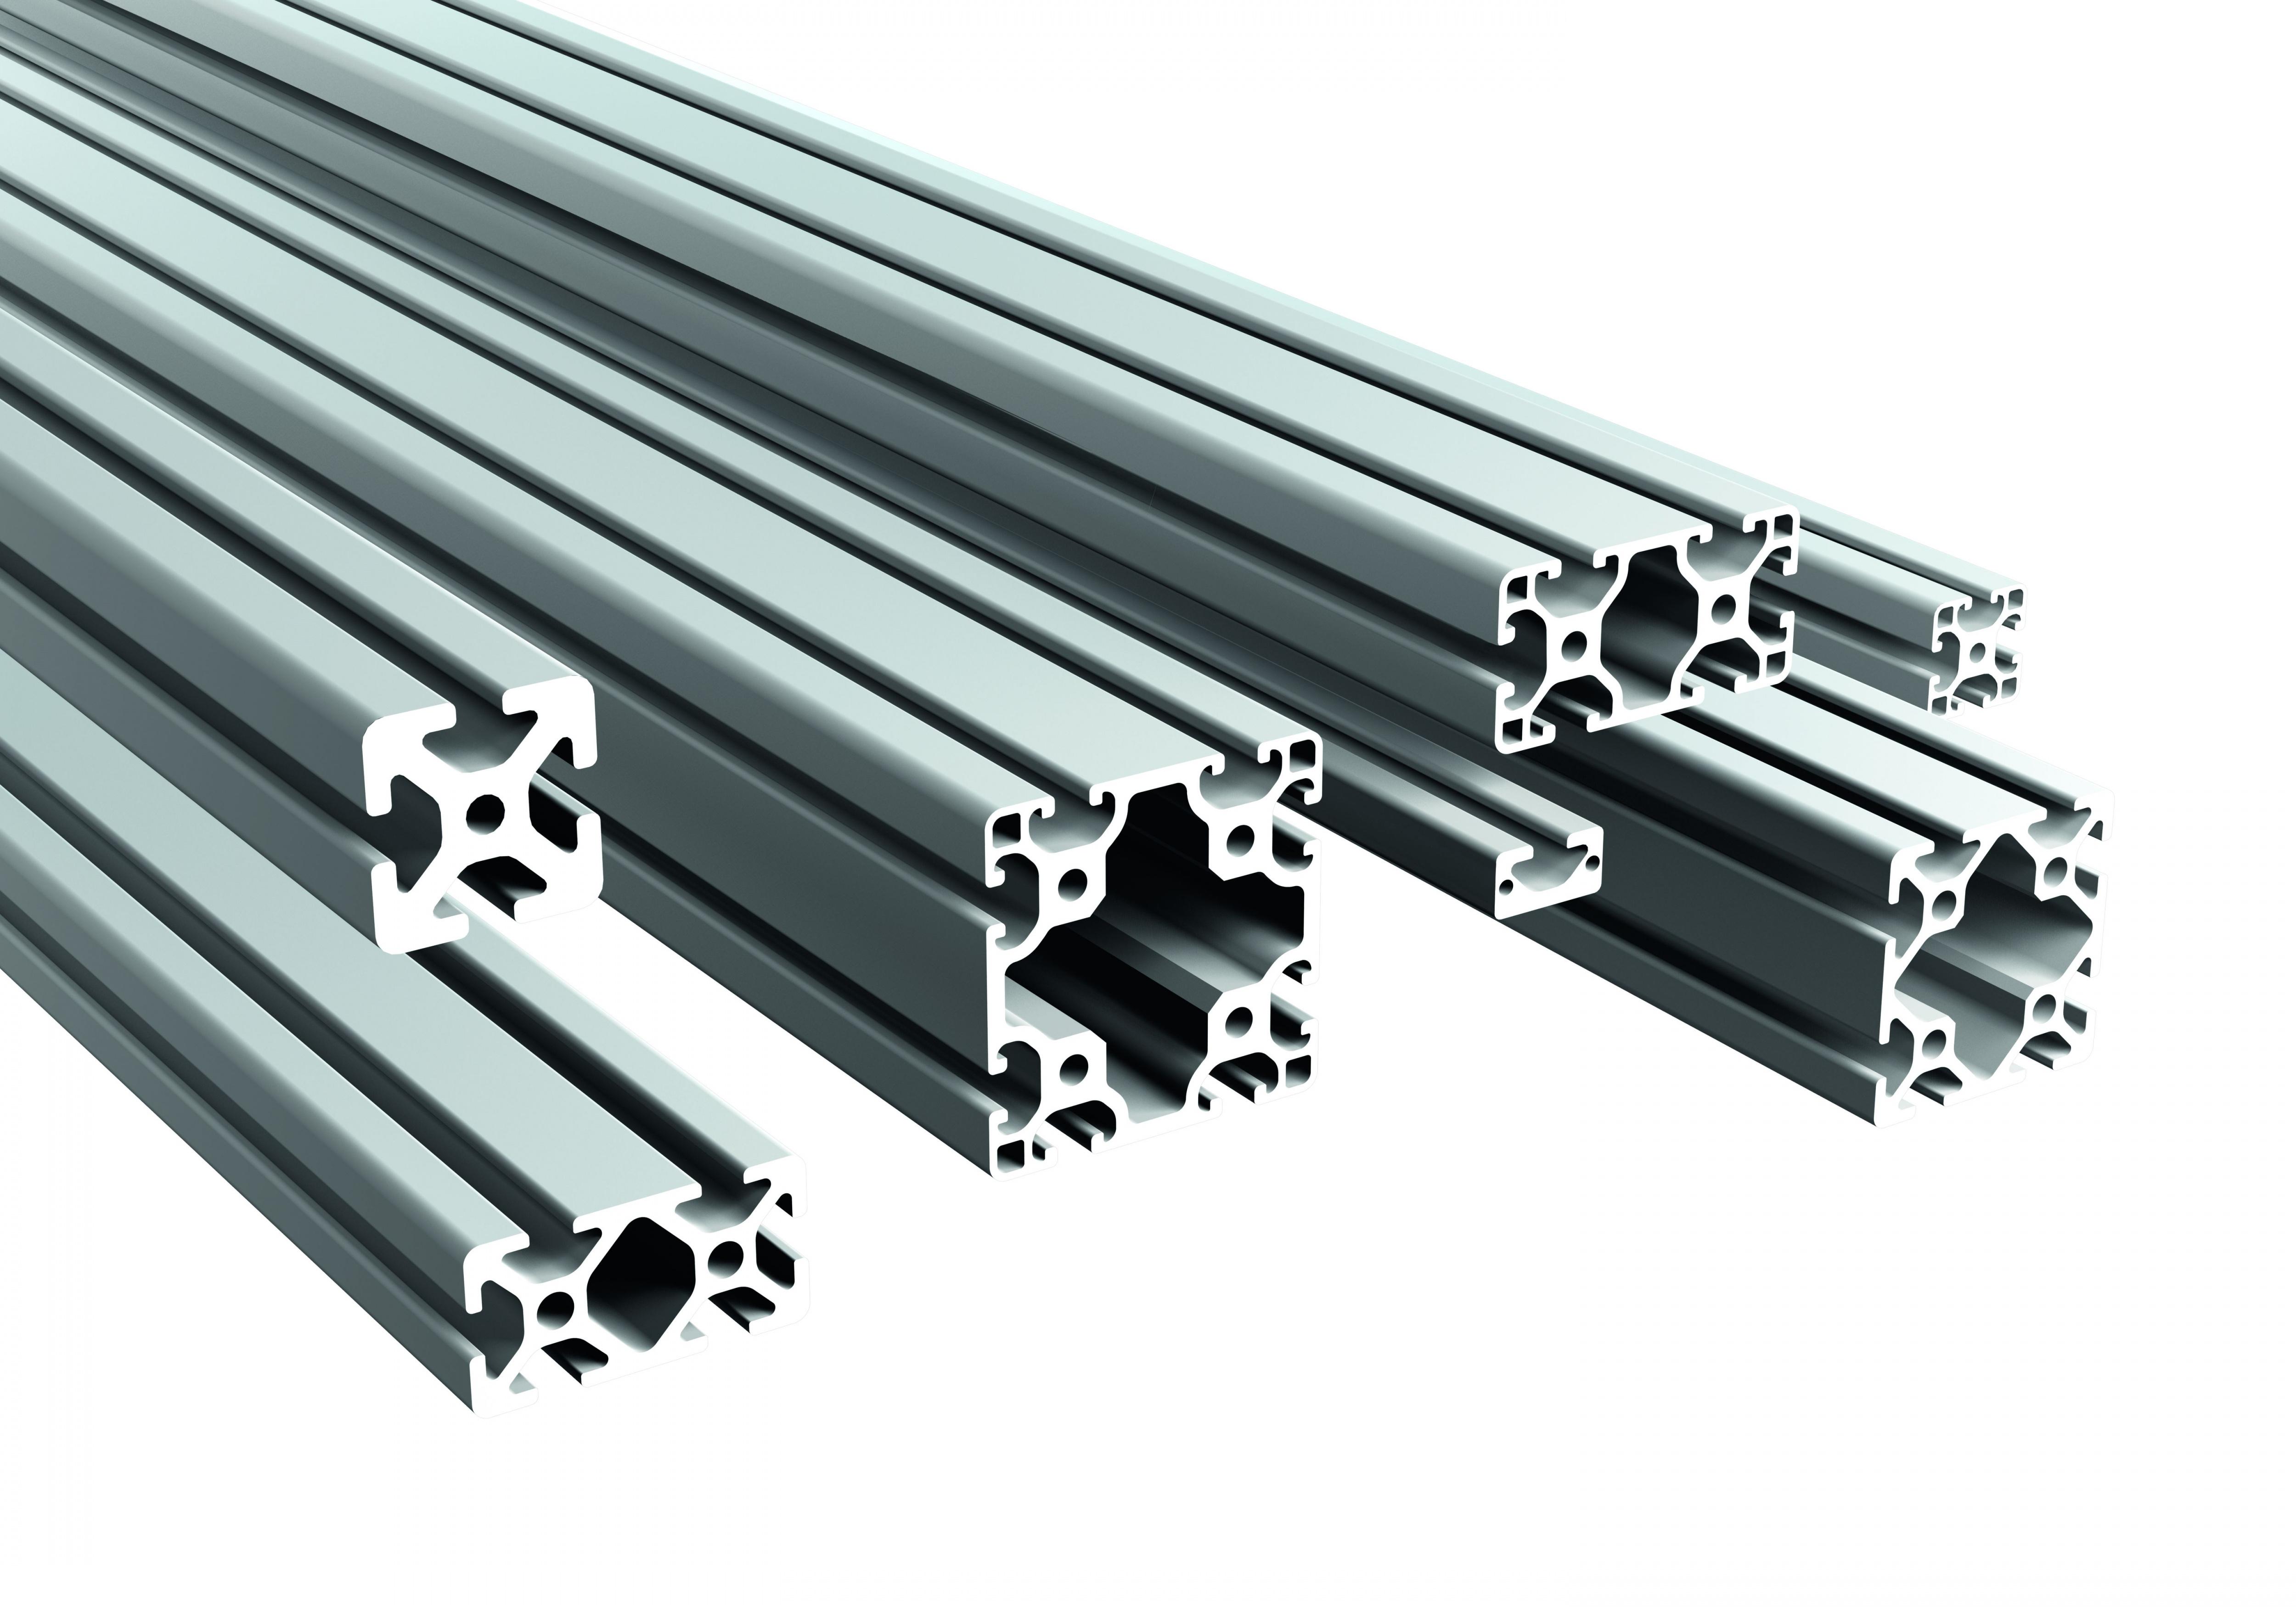 Robuste, kratzfeste und korrosionsgeschützte Aluminiumprofile. Die warmausgehärteten Halbzeuge mit r...